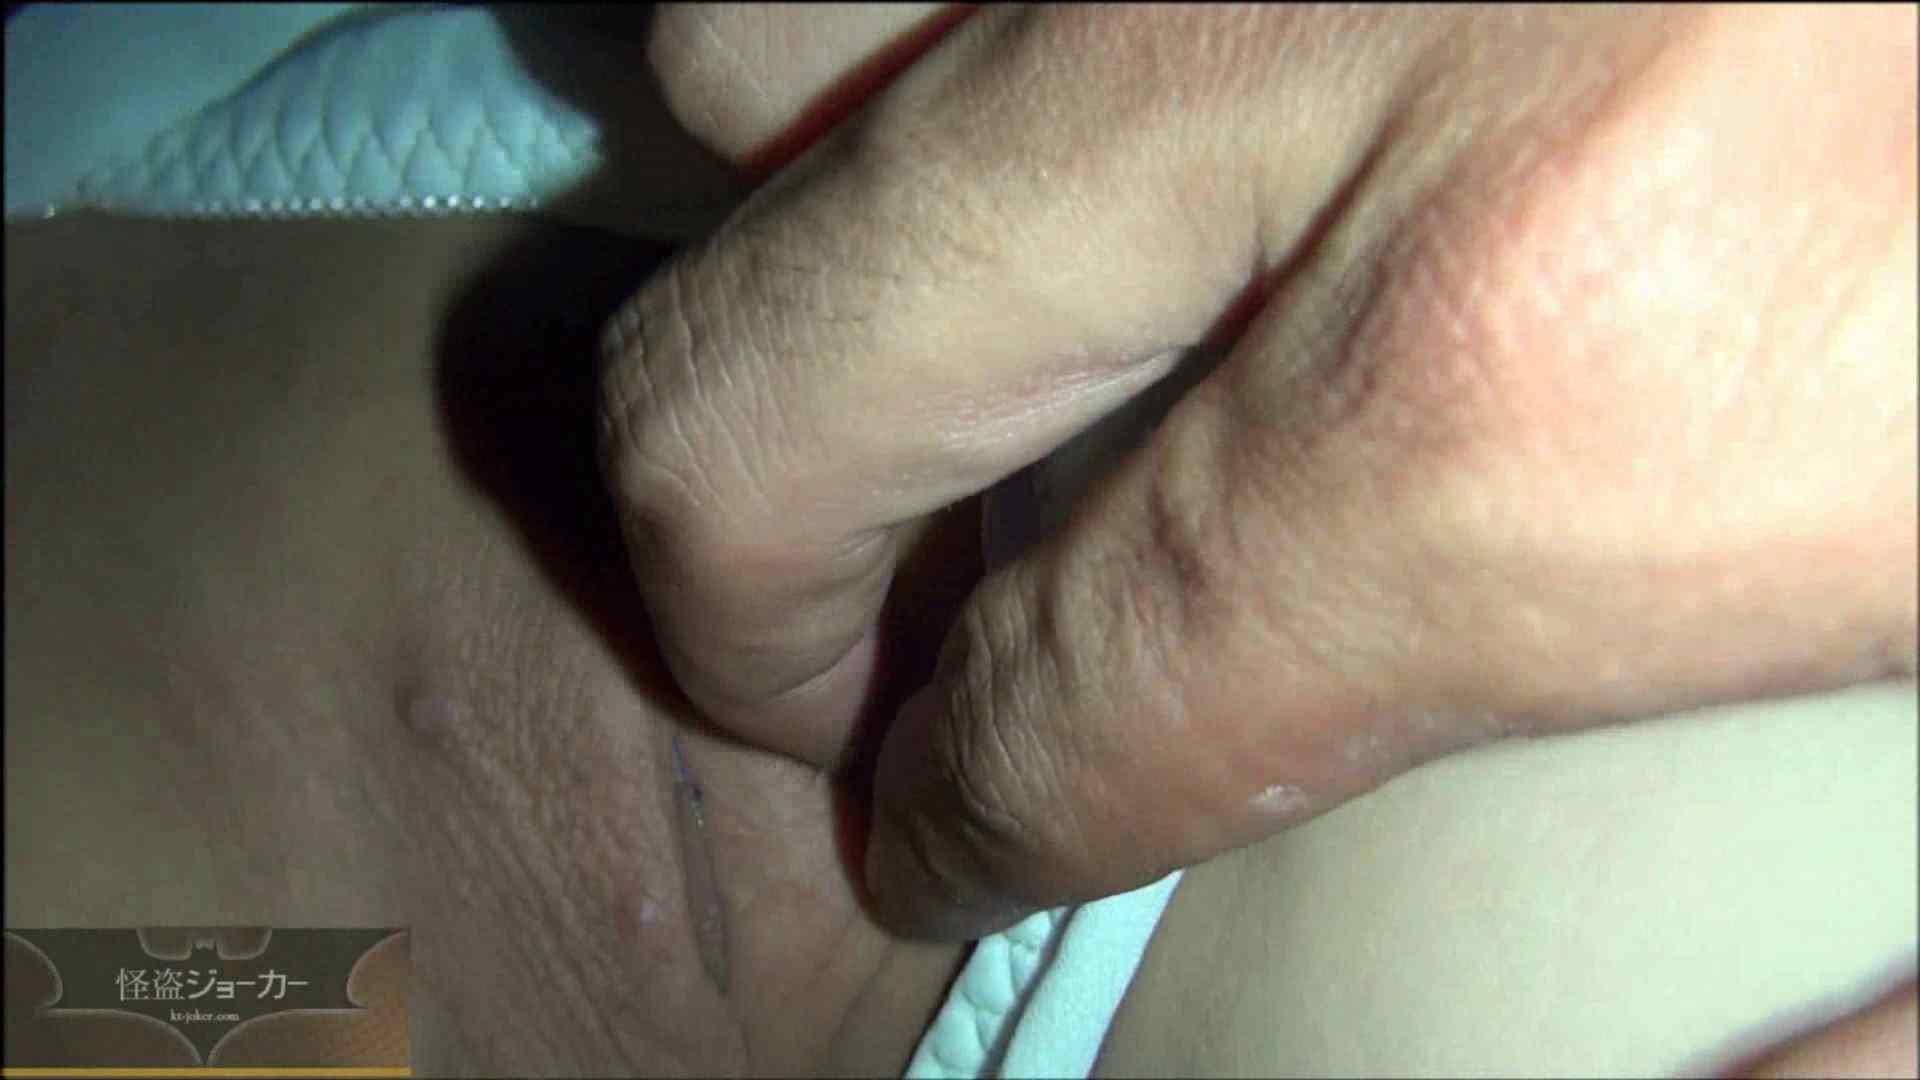 【未公開】vol.62 南米系ハーフのAMちゃん、、、友人が行った淫行の記録。 セックス | 高画質  77画像 36